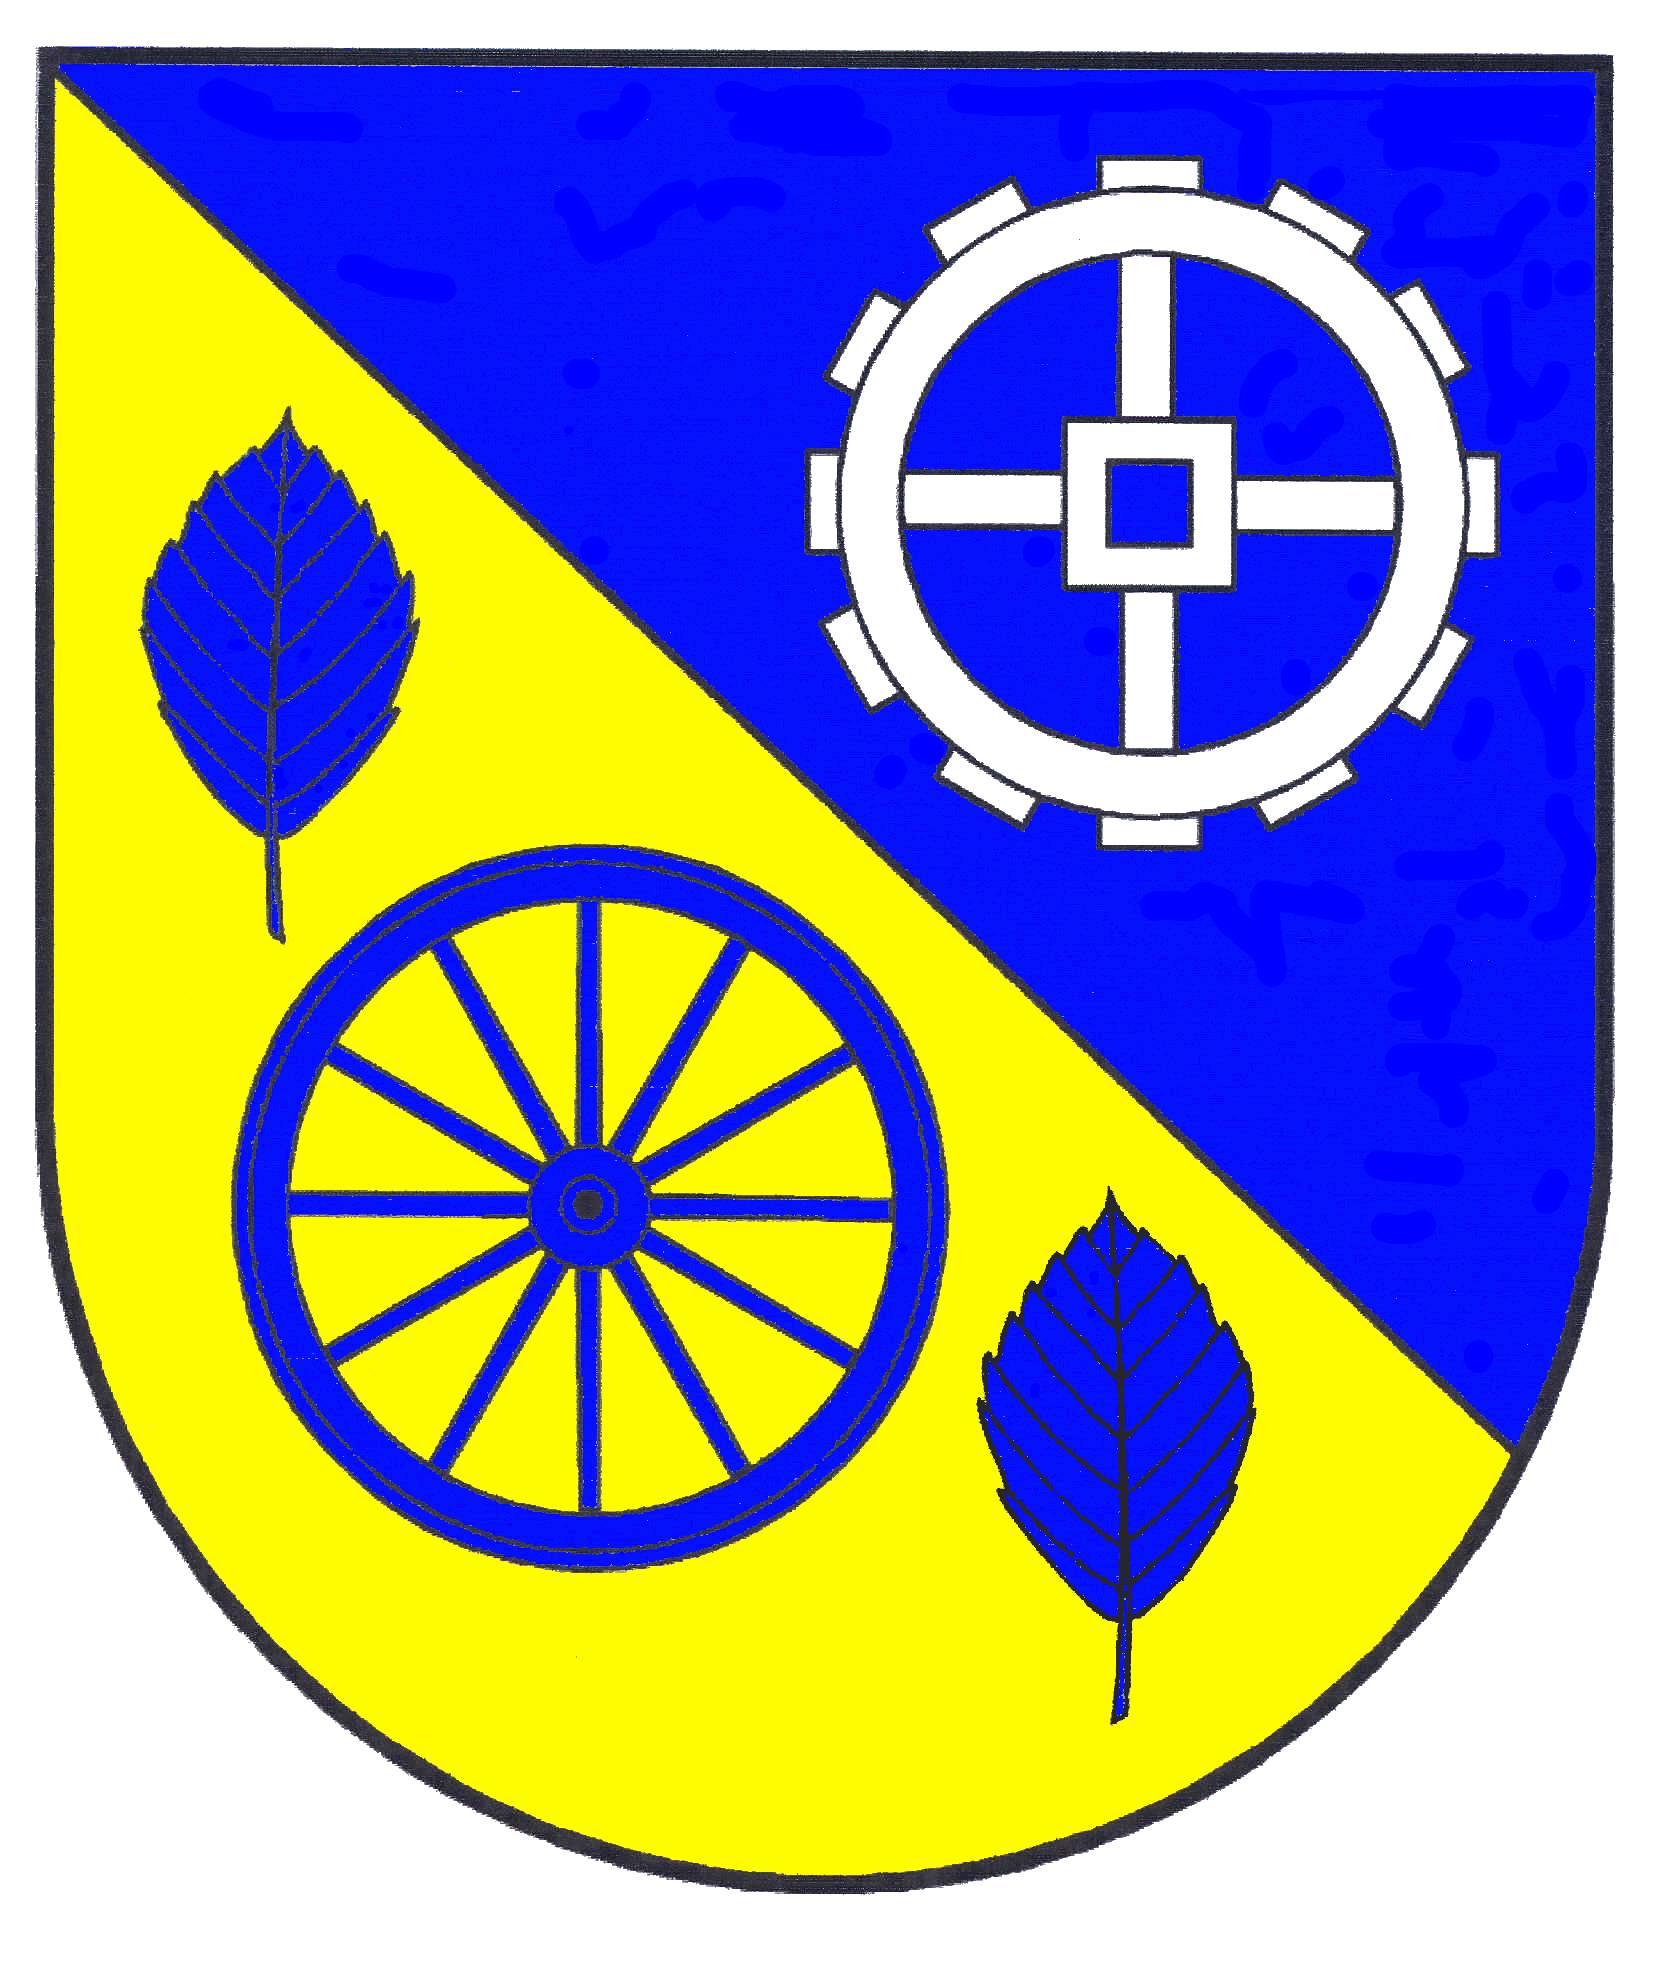 Wappen GemeindeDersau, Kreis Plön